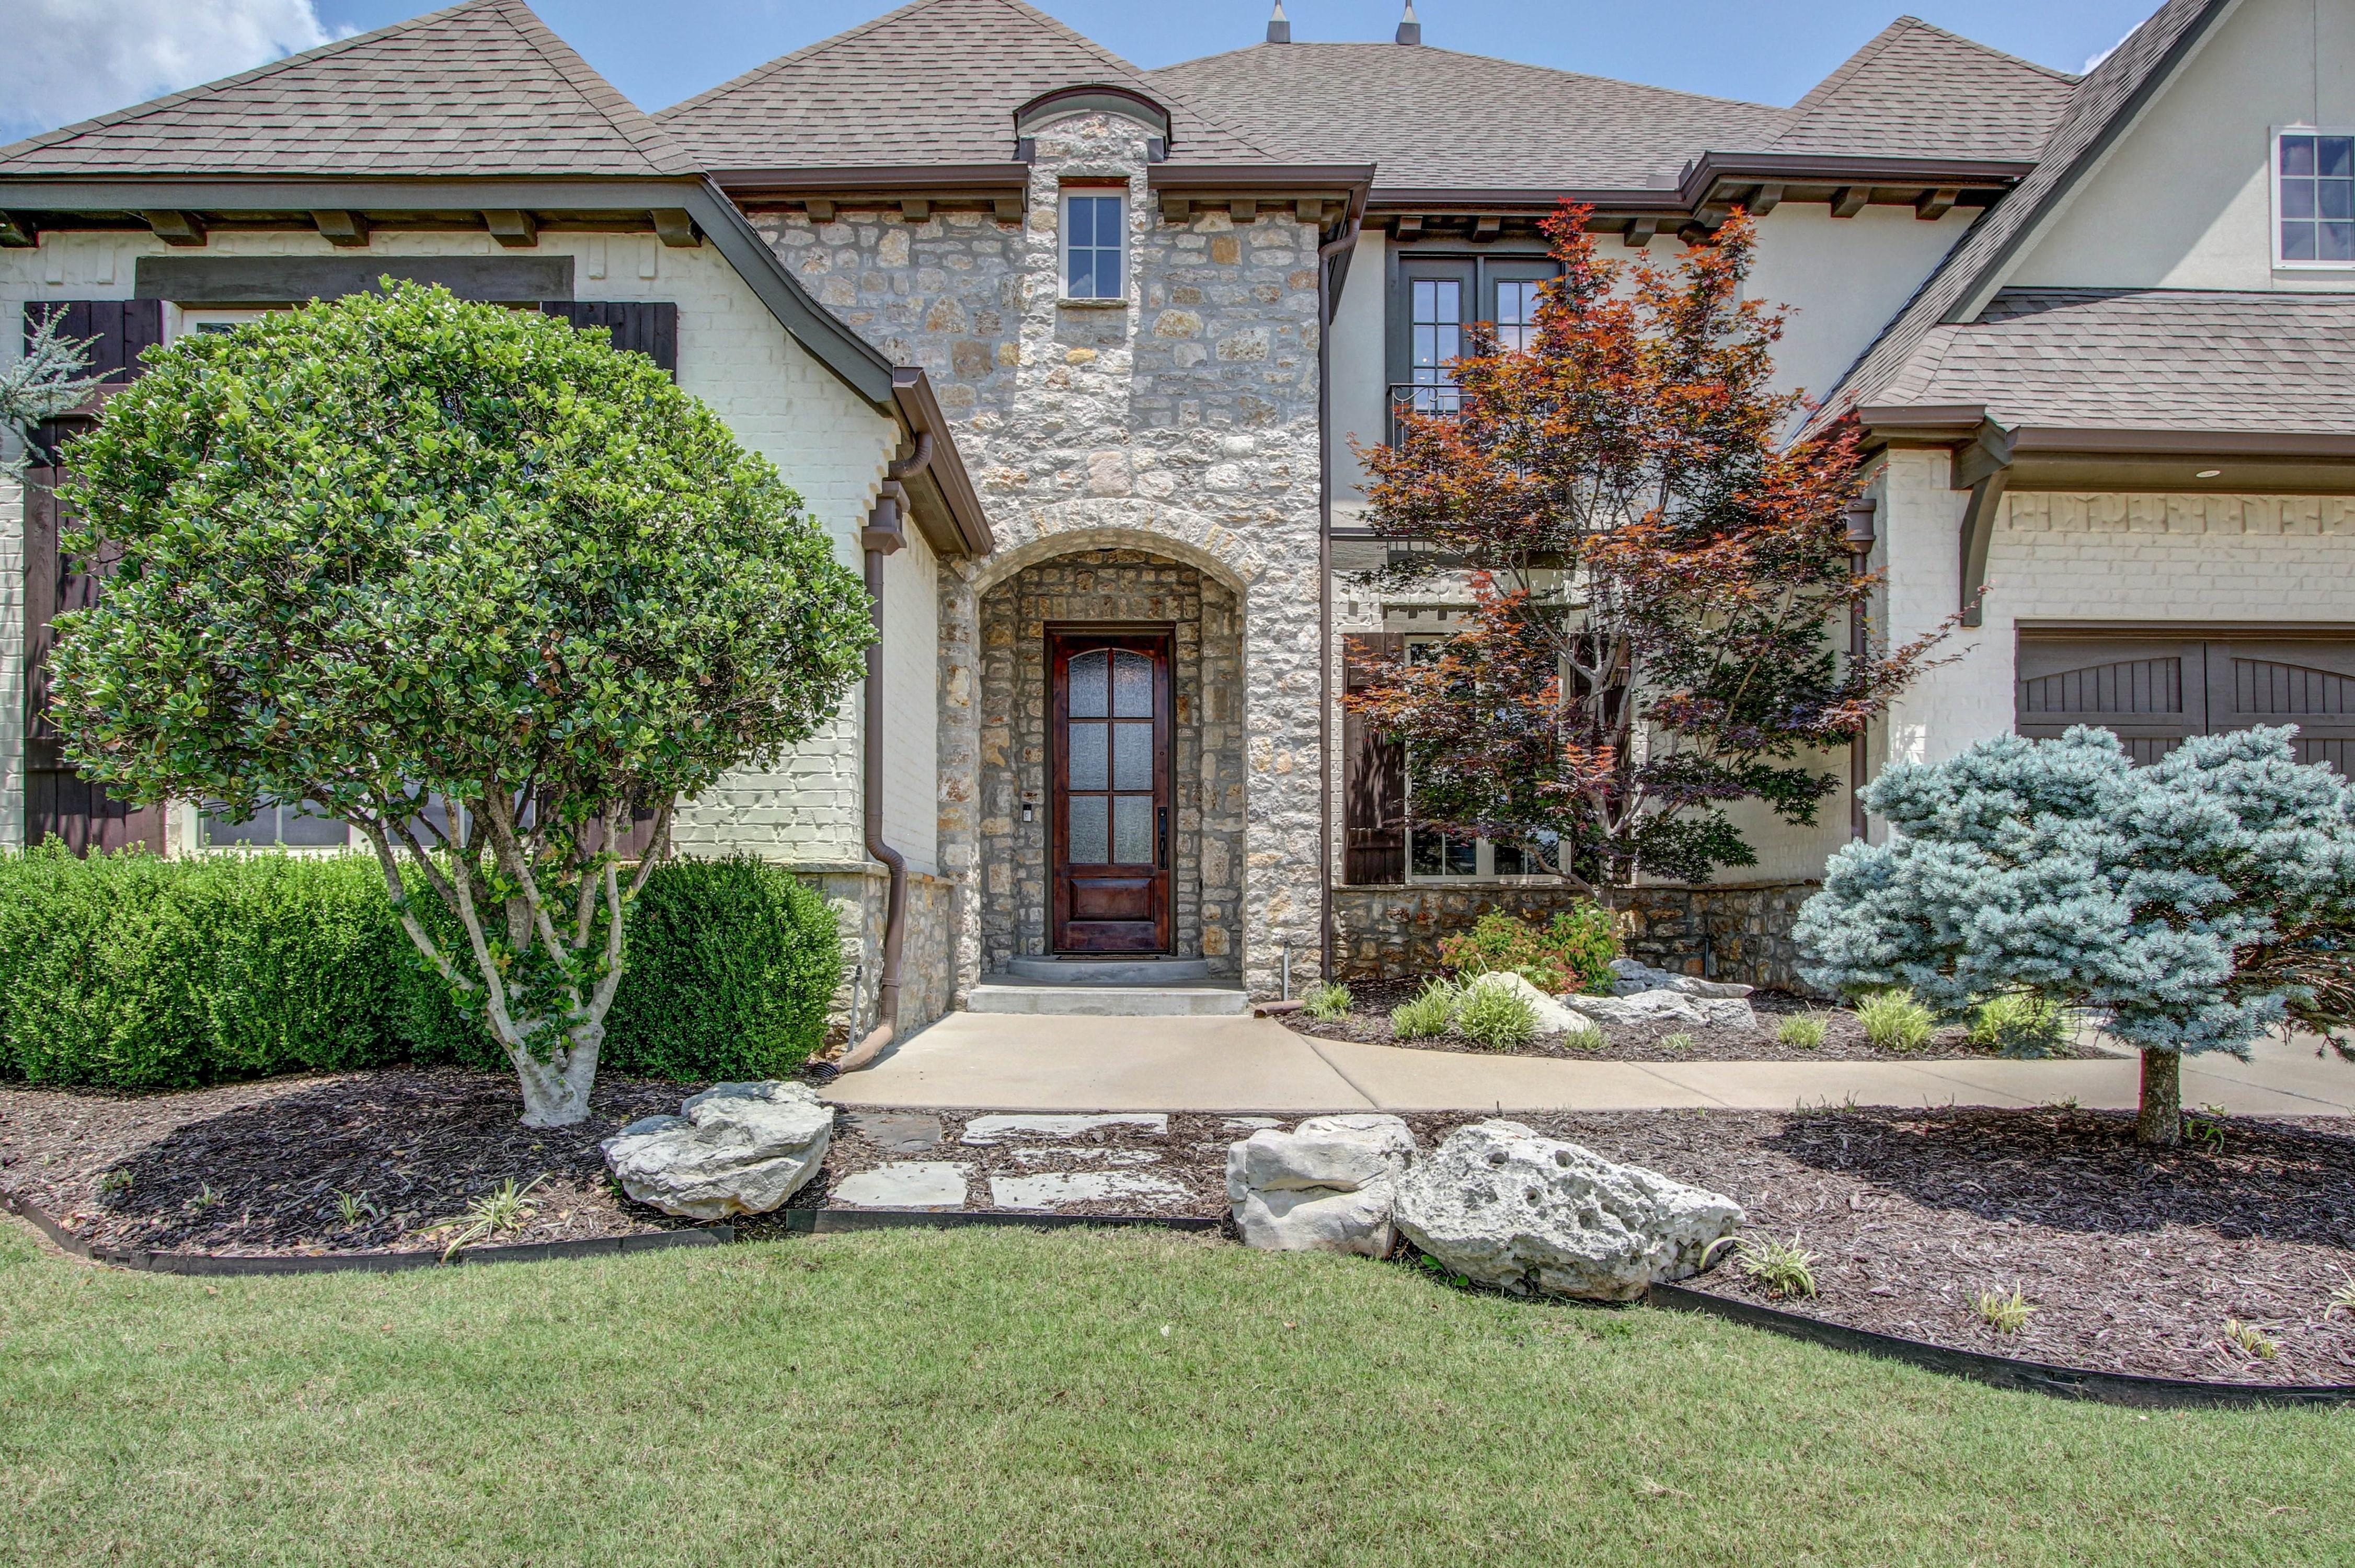 9417 E 105th Place Property Photo 1